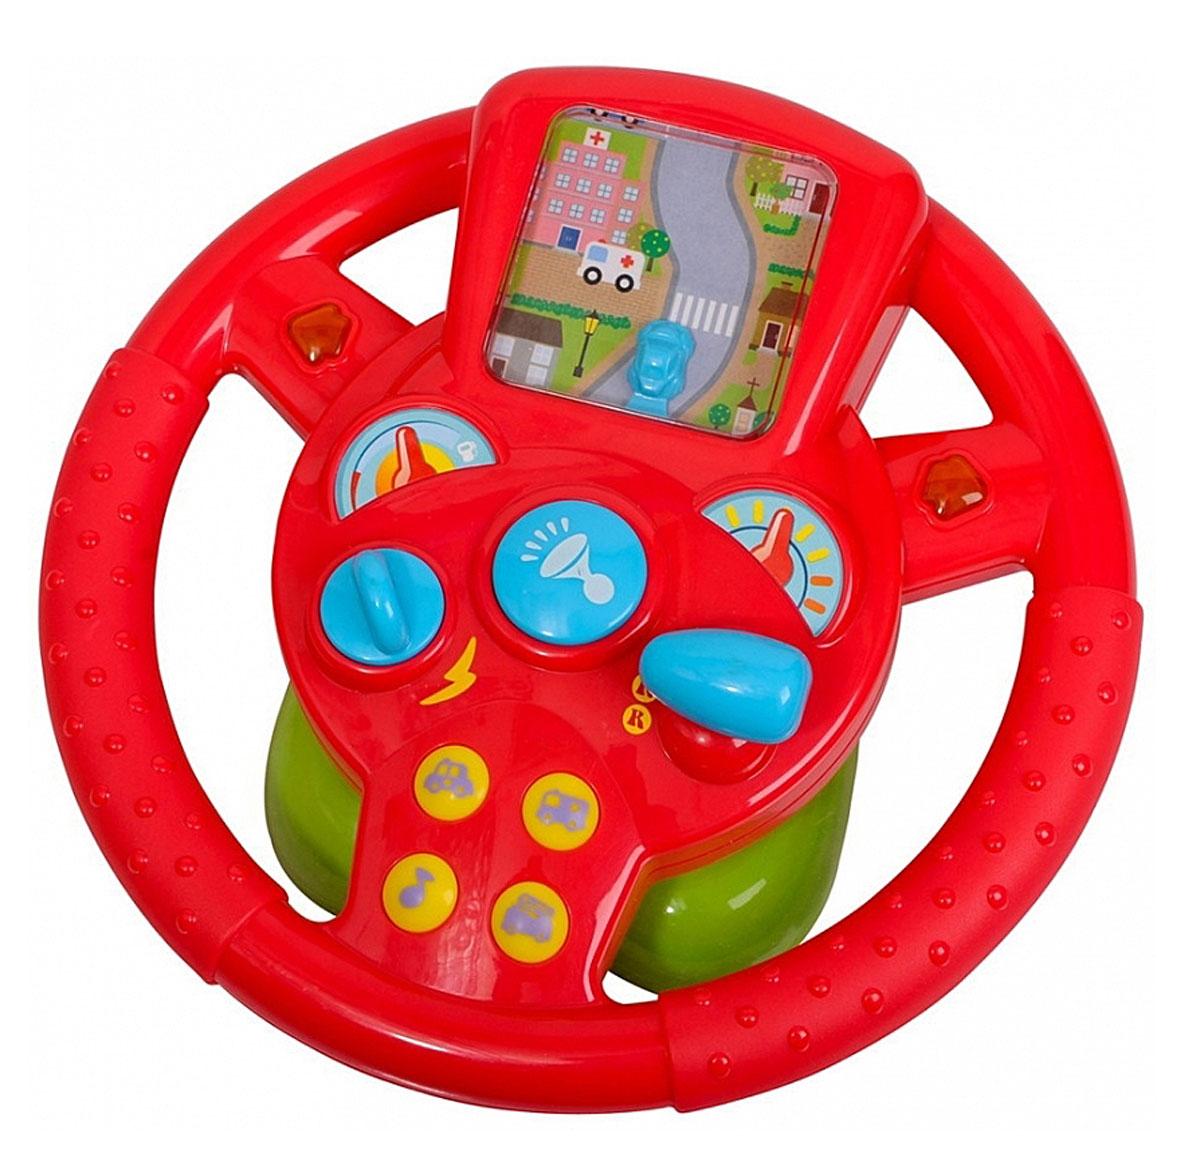 Playgo Игровой центр Водитель игровой развивающий центр weina маленький водитель 2018